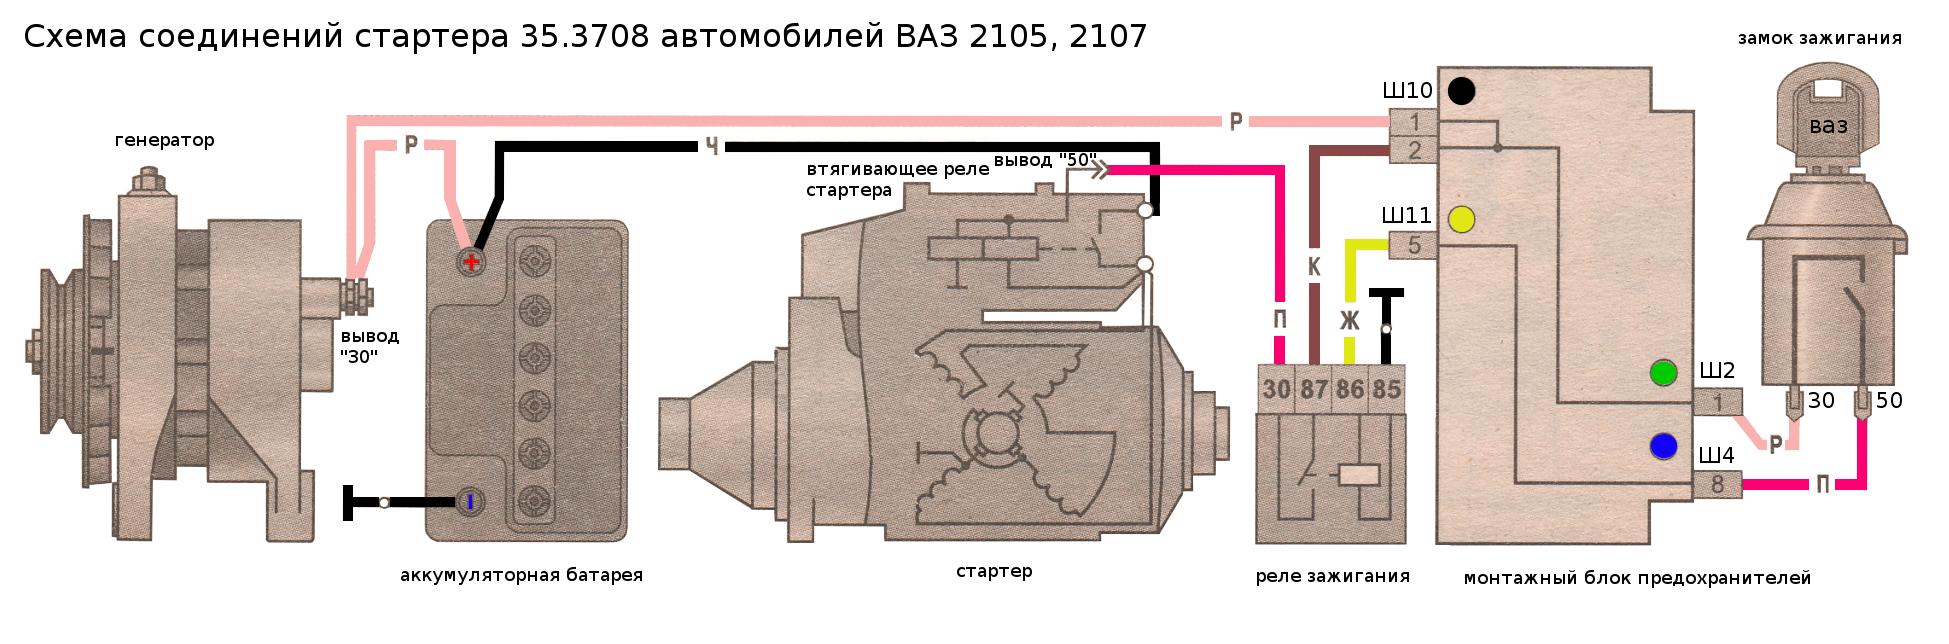 Реле стартера на ваз 2107 инжектор где находится